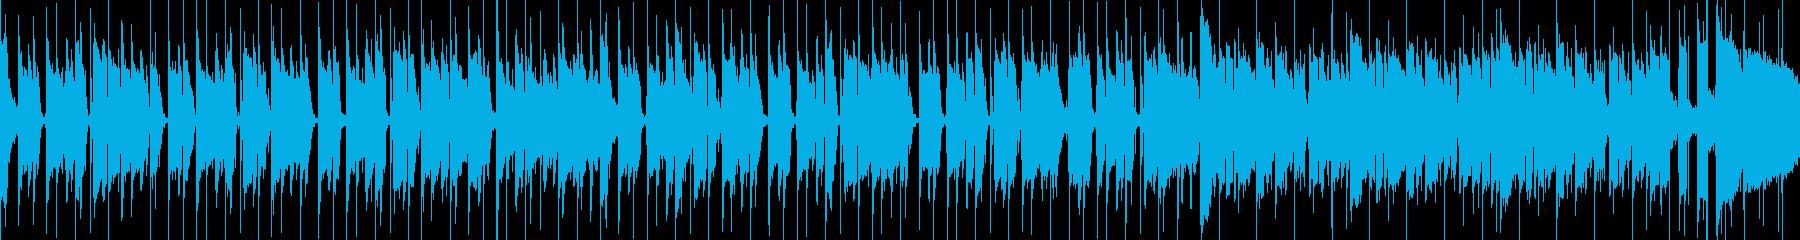 春を感じる前向きBGM ループ仕様の再生済みの波形